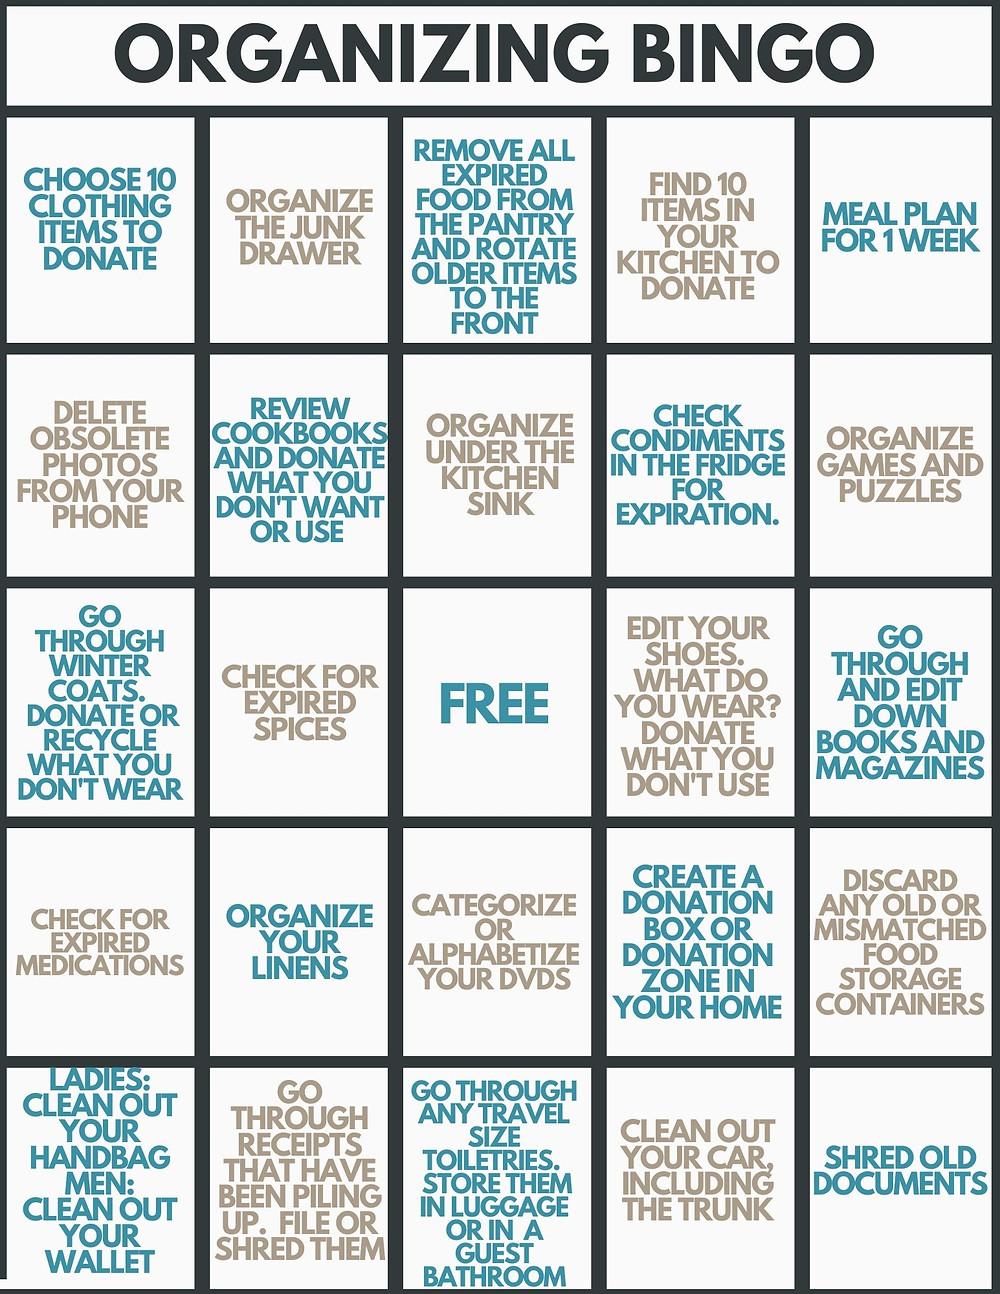 Organizing Bingo